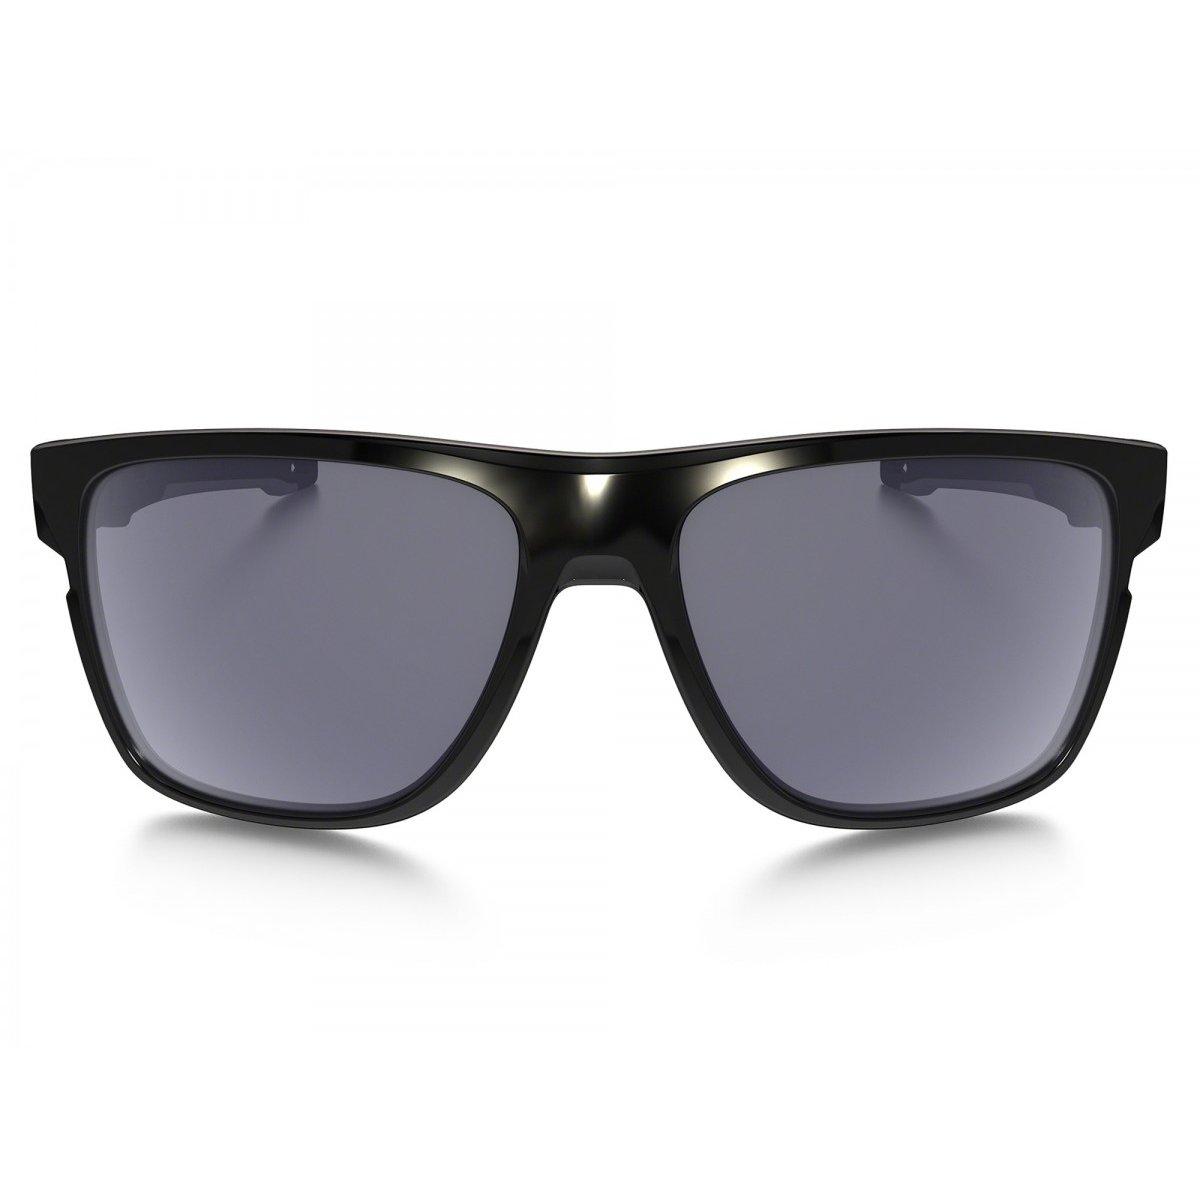 ff8860de9bd07 Óculos Oakley Crossrange XL Polished Black - Compre Agora   Netshoes